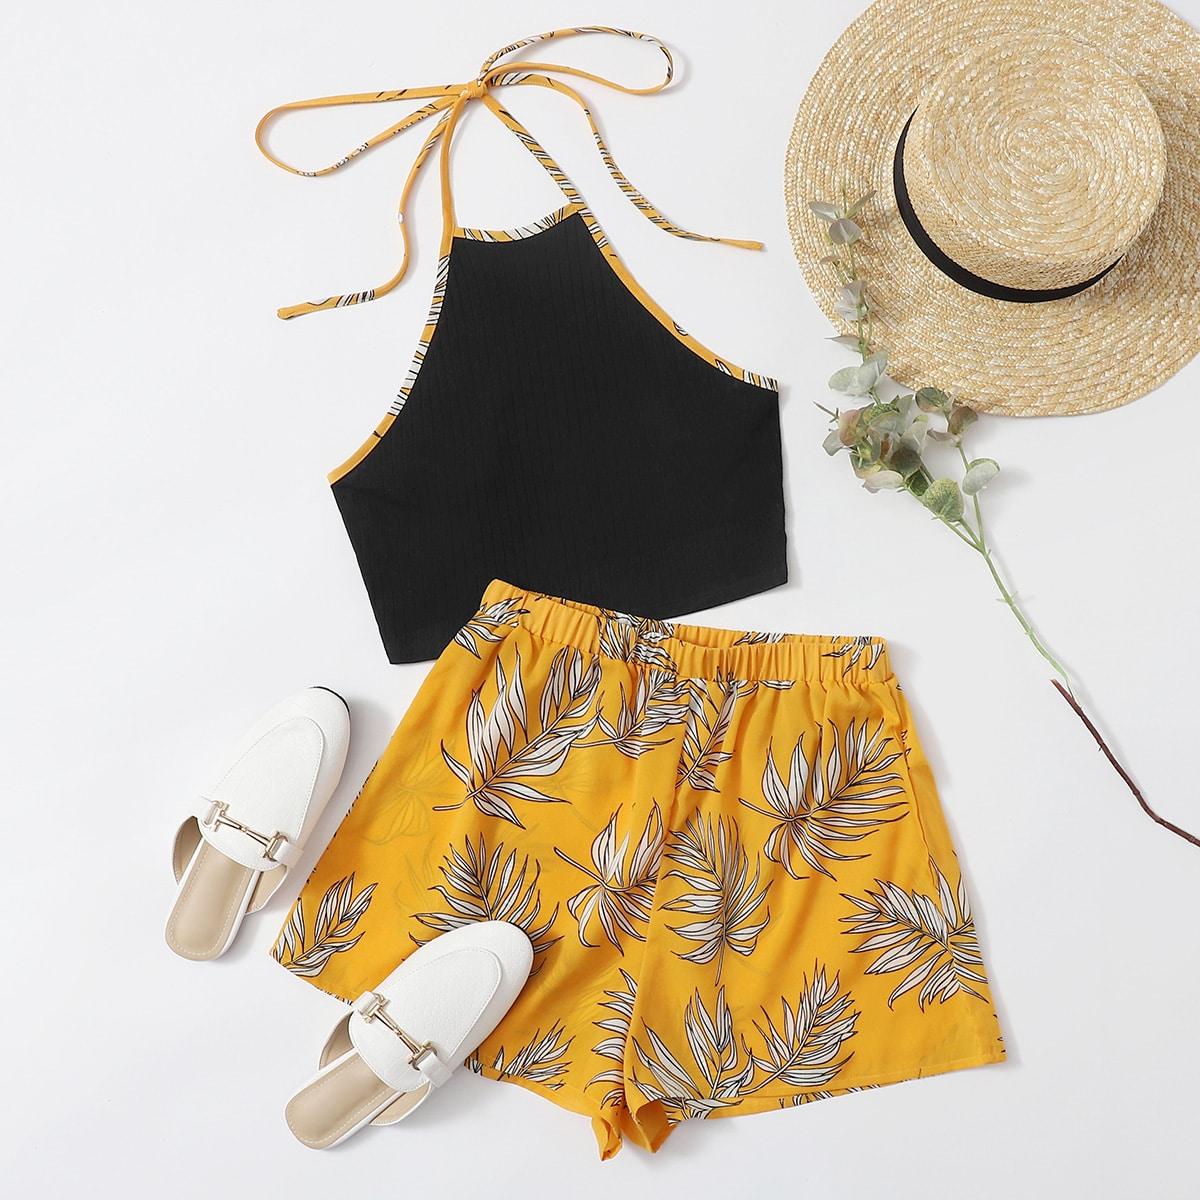 Топ-халтер с узлом сзади и шорты с тропическим принтом фото